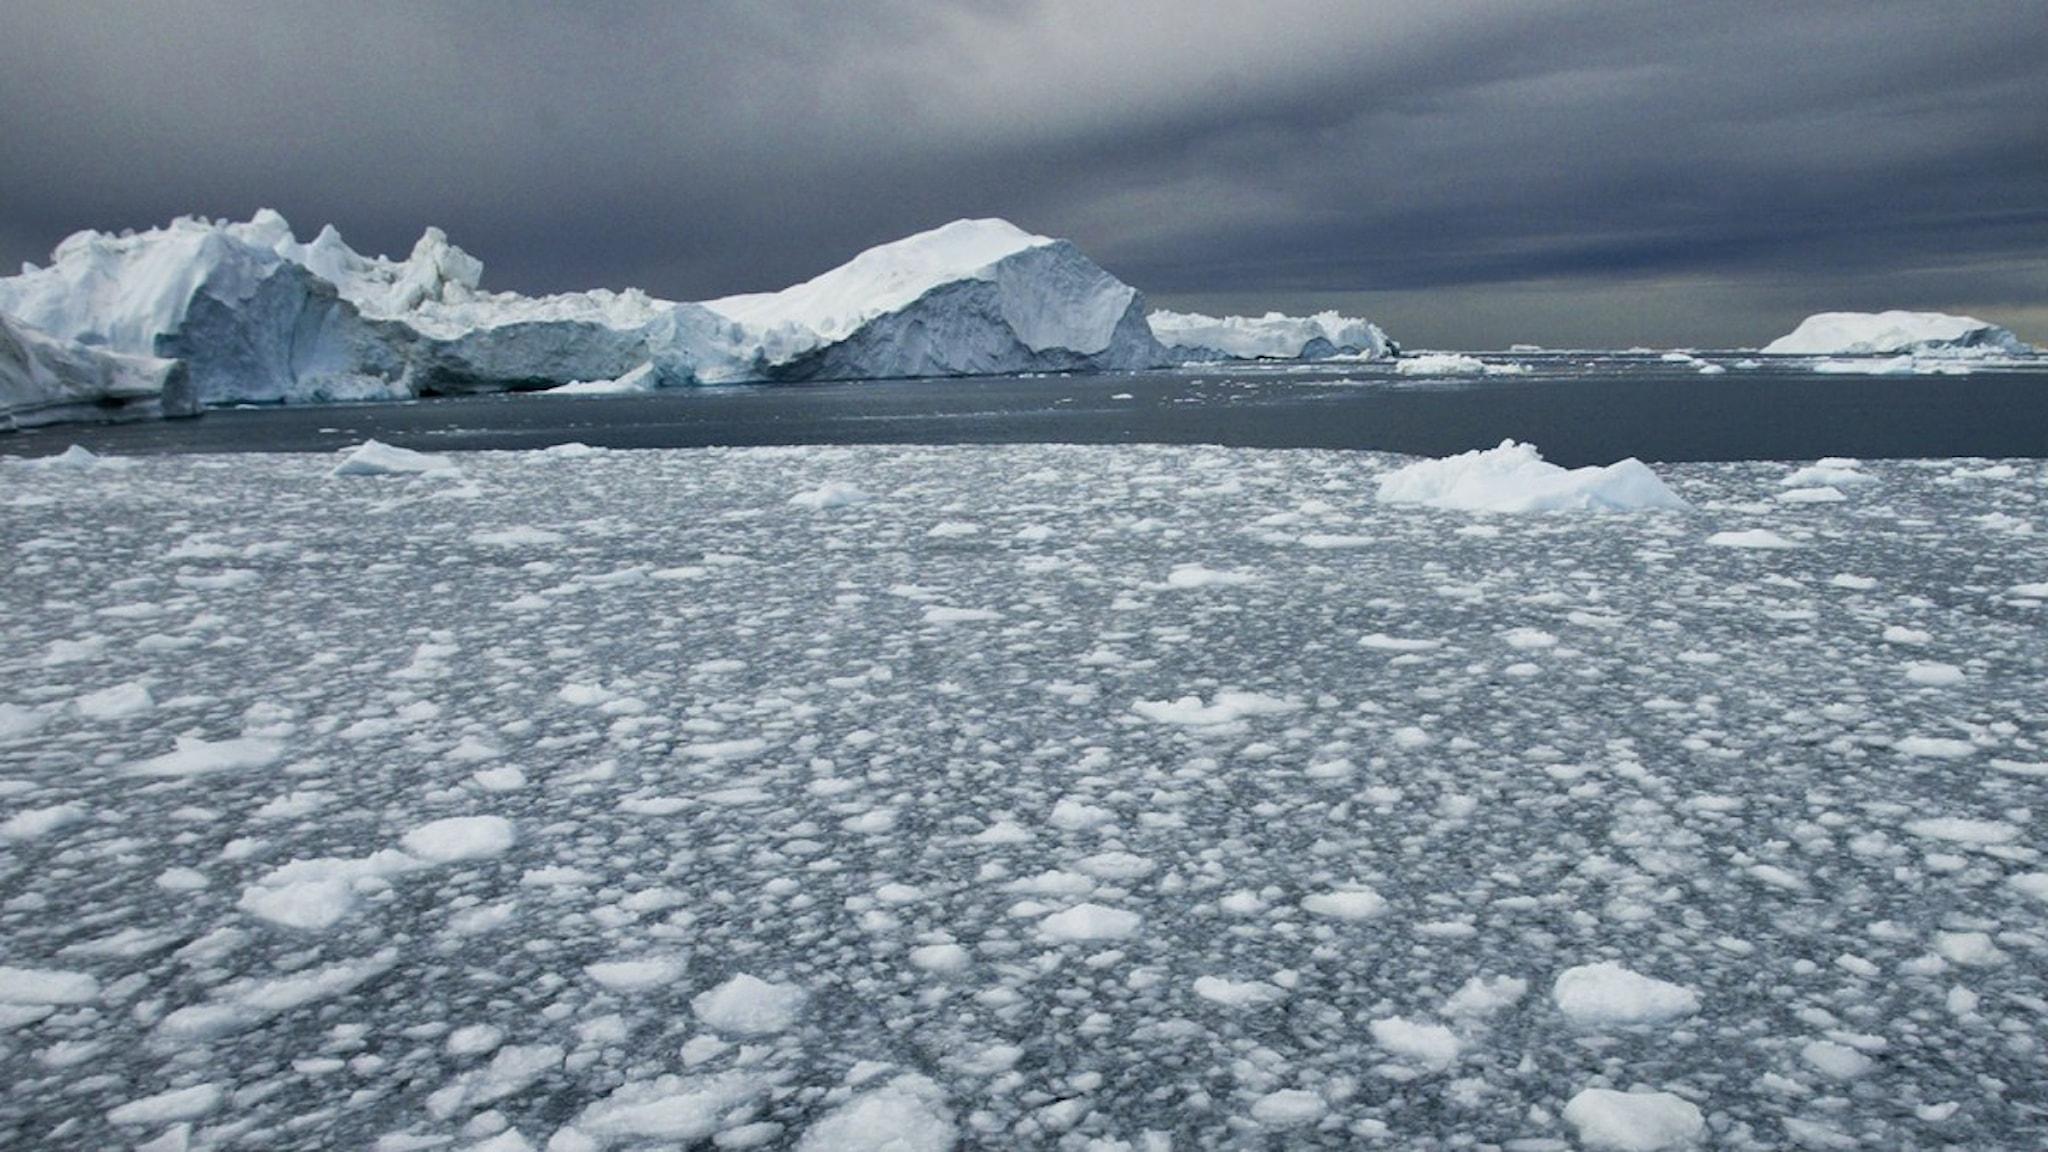 Arktis. Foto: Jan-Morten Bjørnbakk/Scanpix